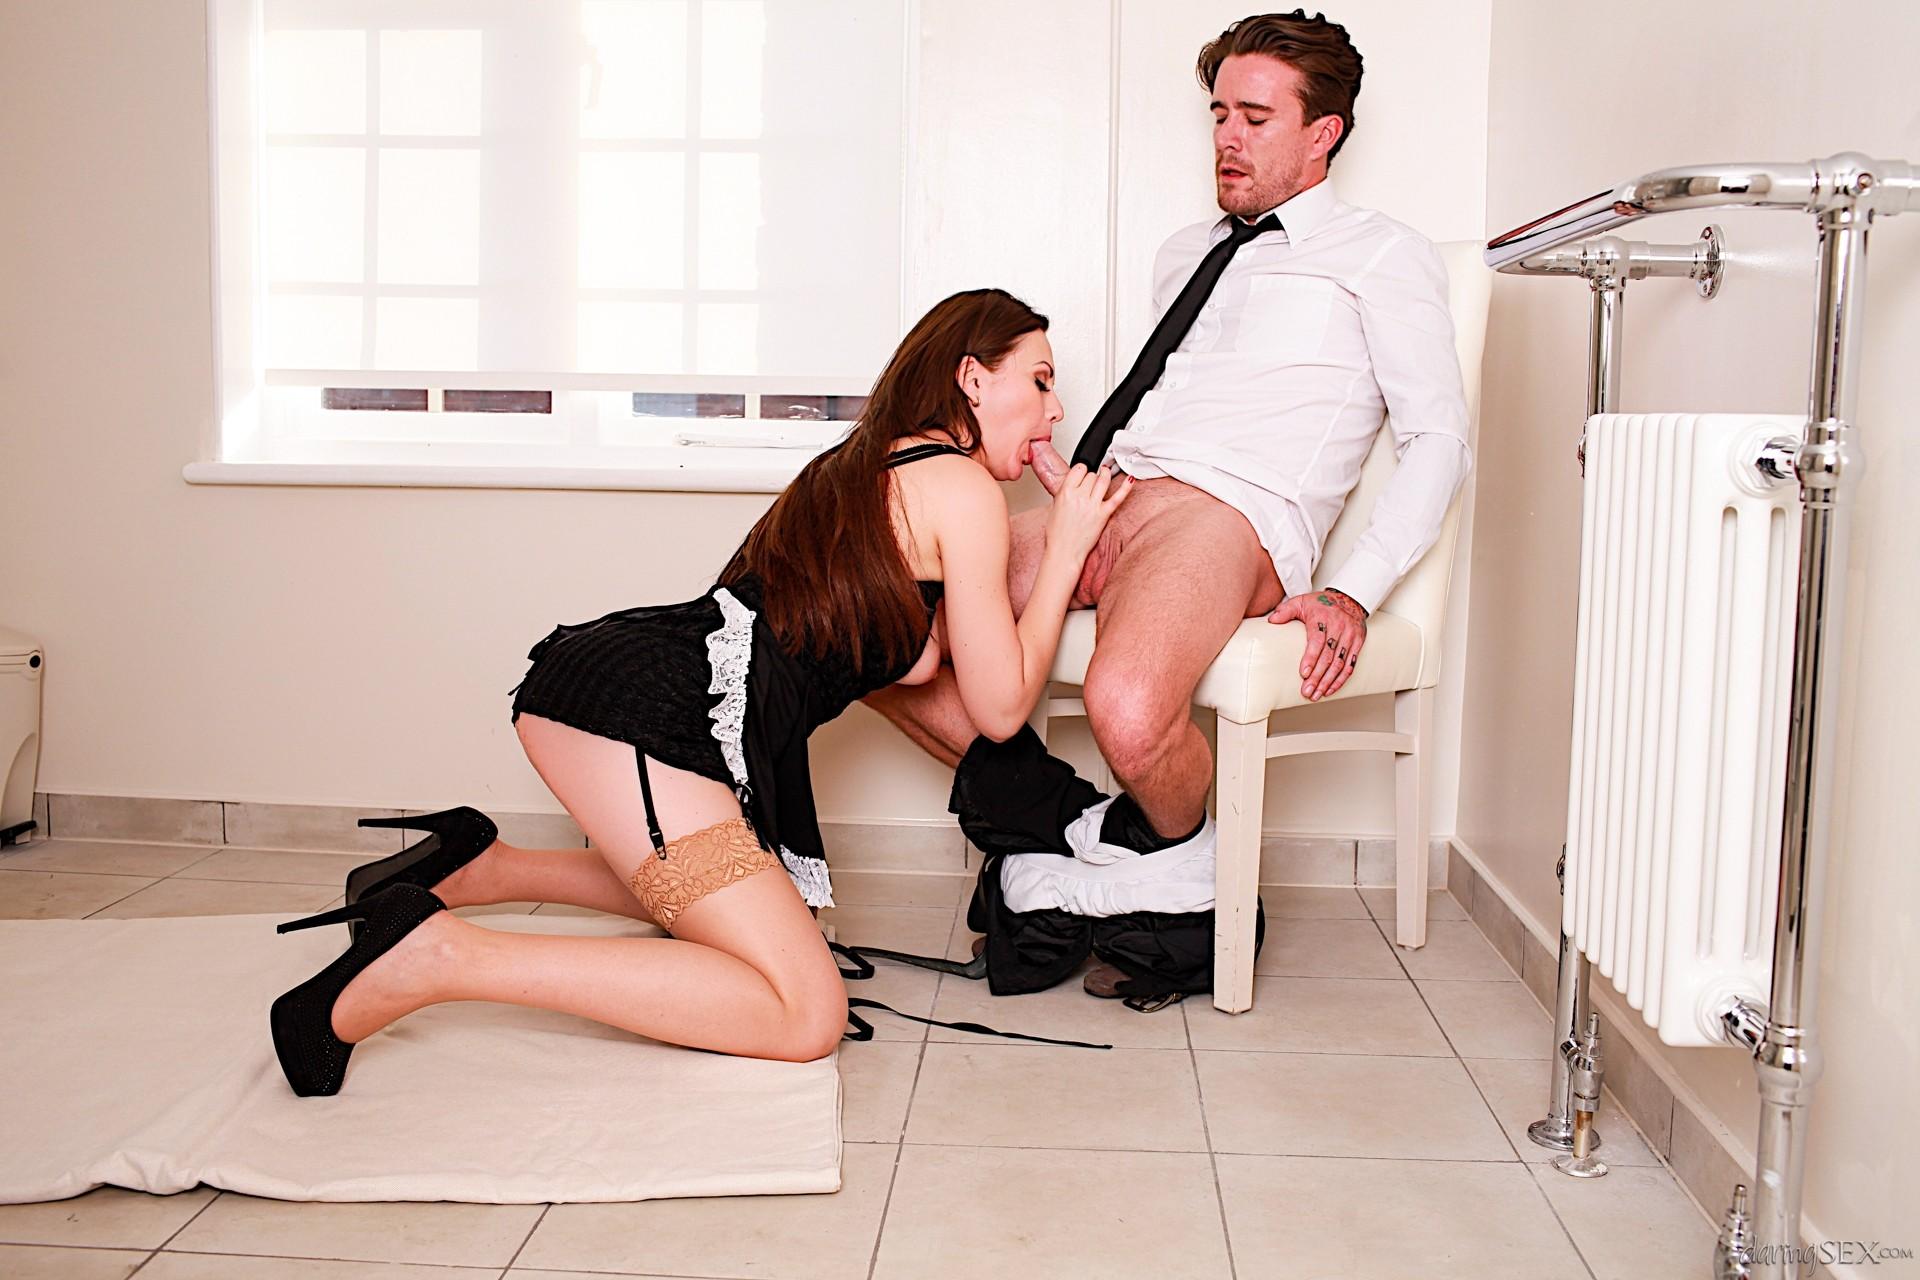 Порно уборщица по вызову, индивидуальное порно фото девушек